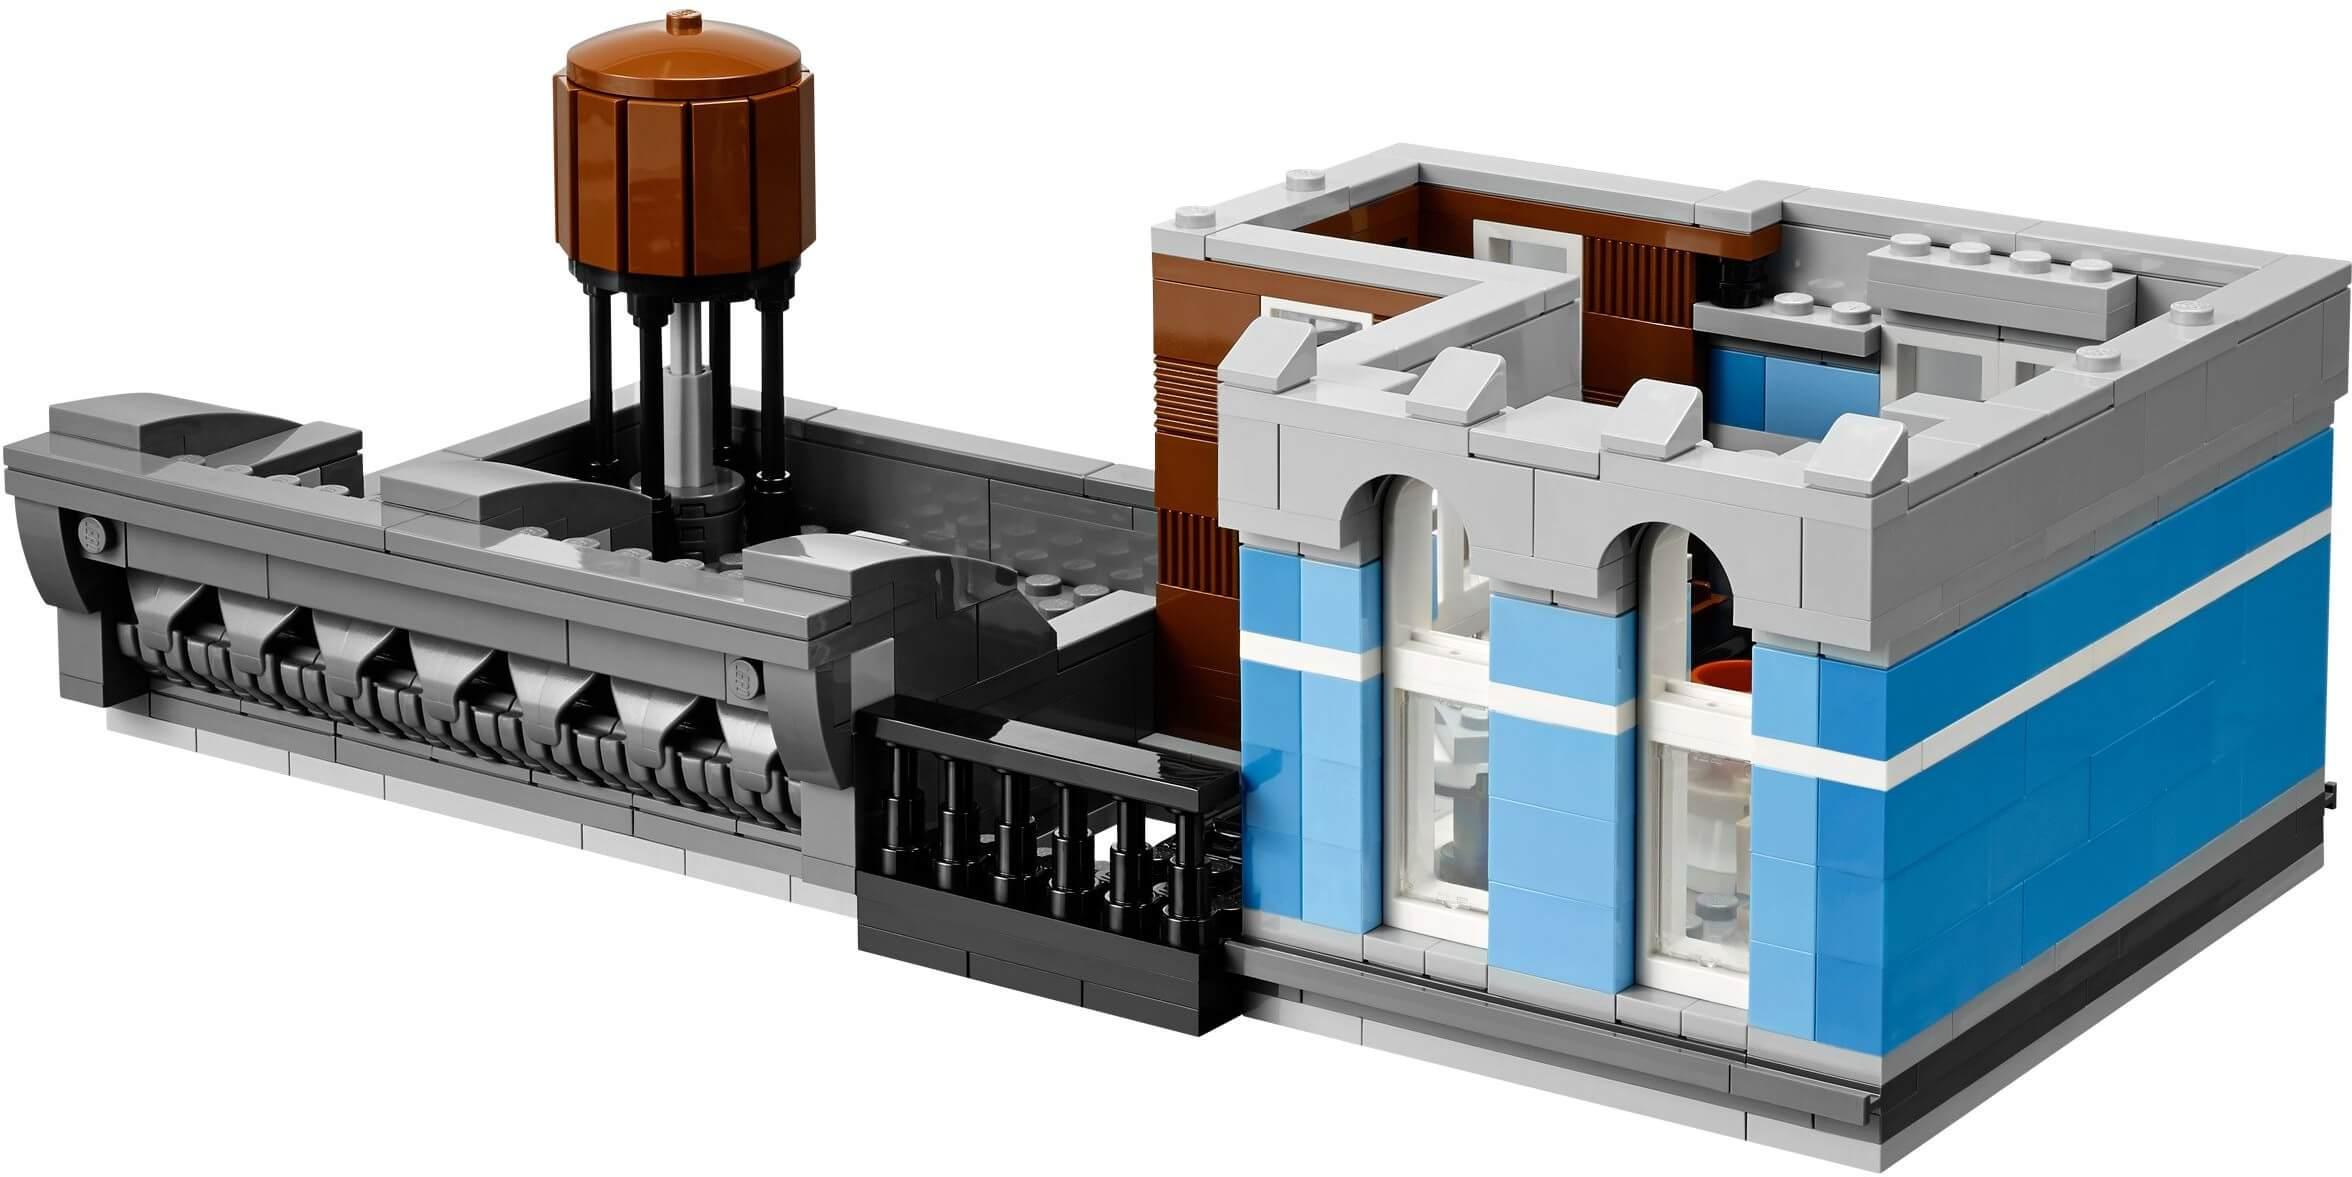 Mua đồ chơi LEGO 10246 - LEGO Creator Expert 10246 - Mô hình cao cấp Văn phòng Thám tử (LEGO Creator Expert Detective's Office 10246)